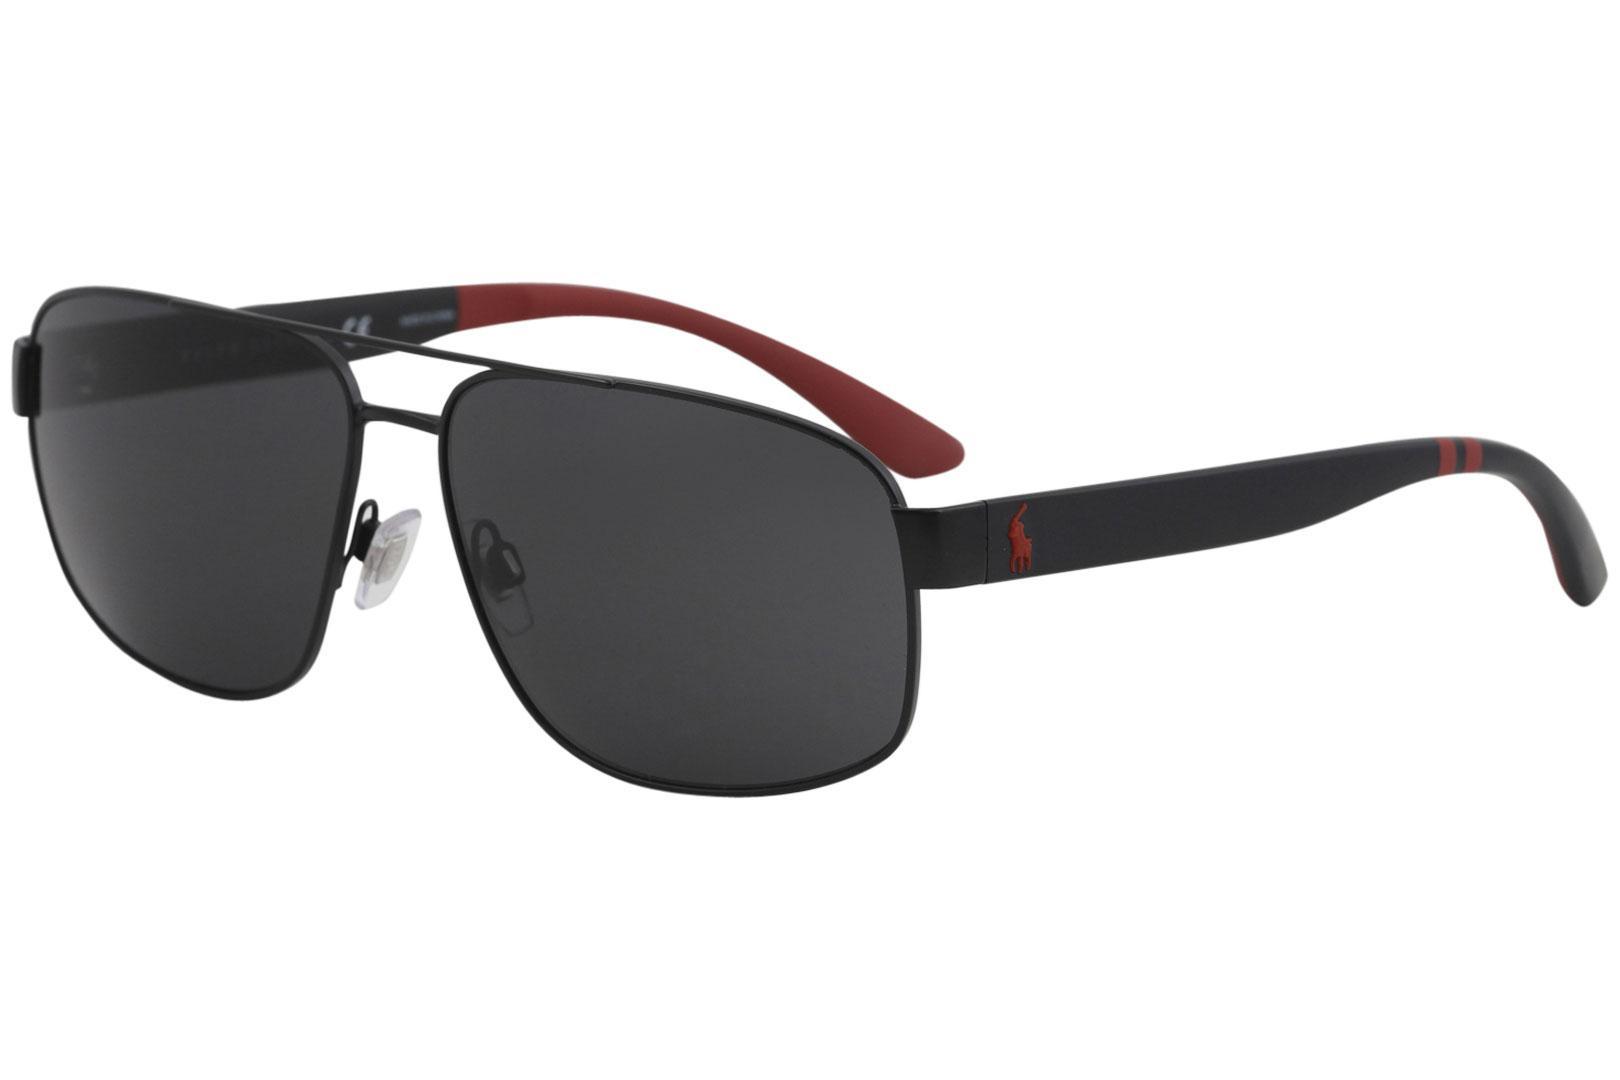 71b89d75dce Polo Ralph Lauren Men s PH3112 PH 3112 Fashion Pilot Sunglasses